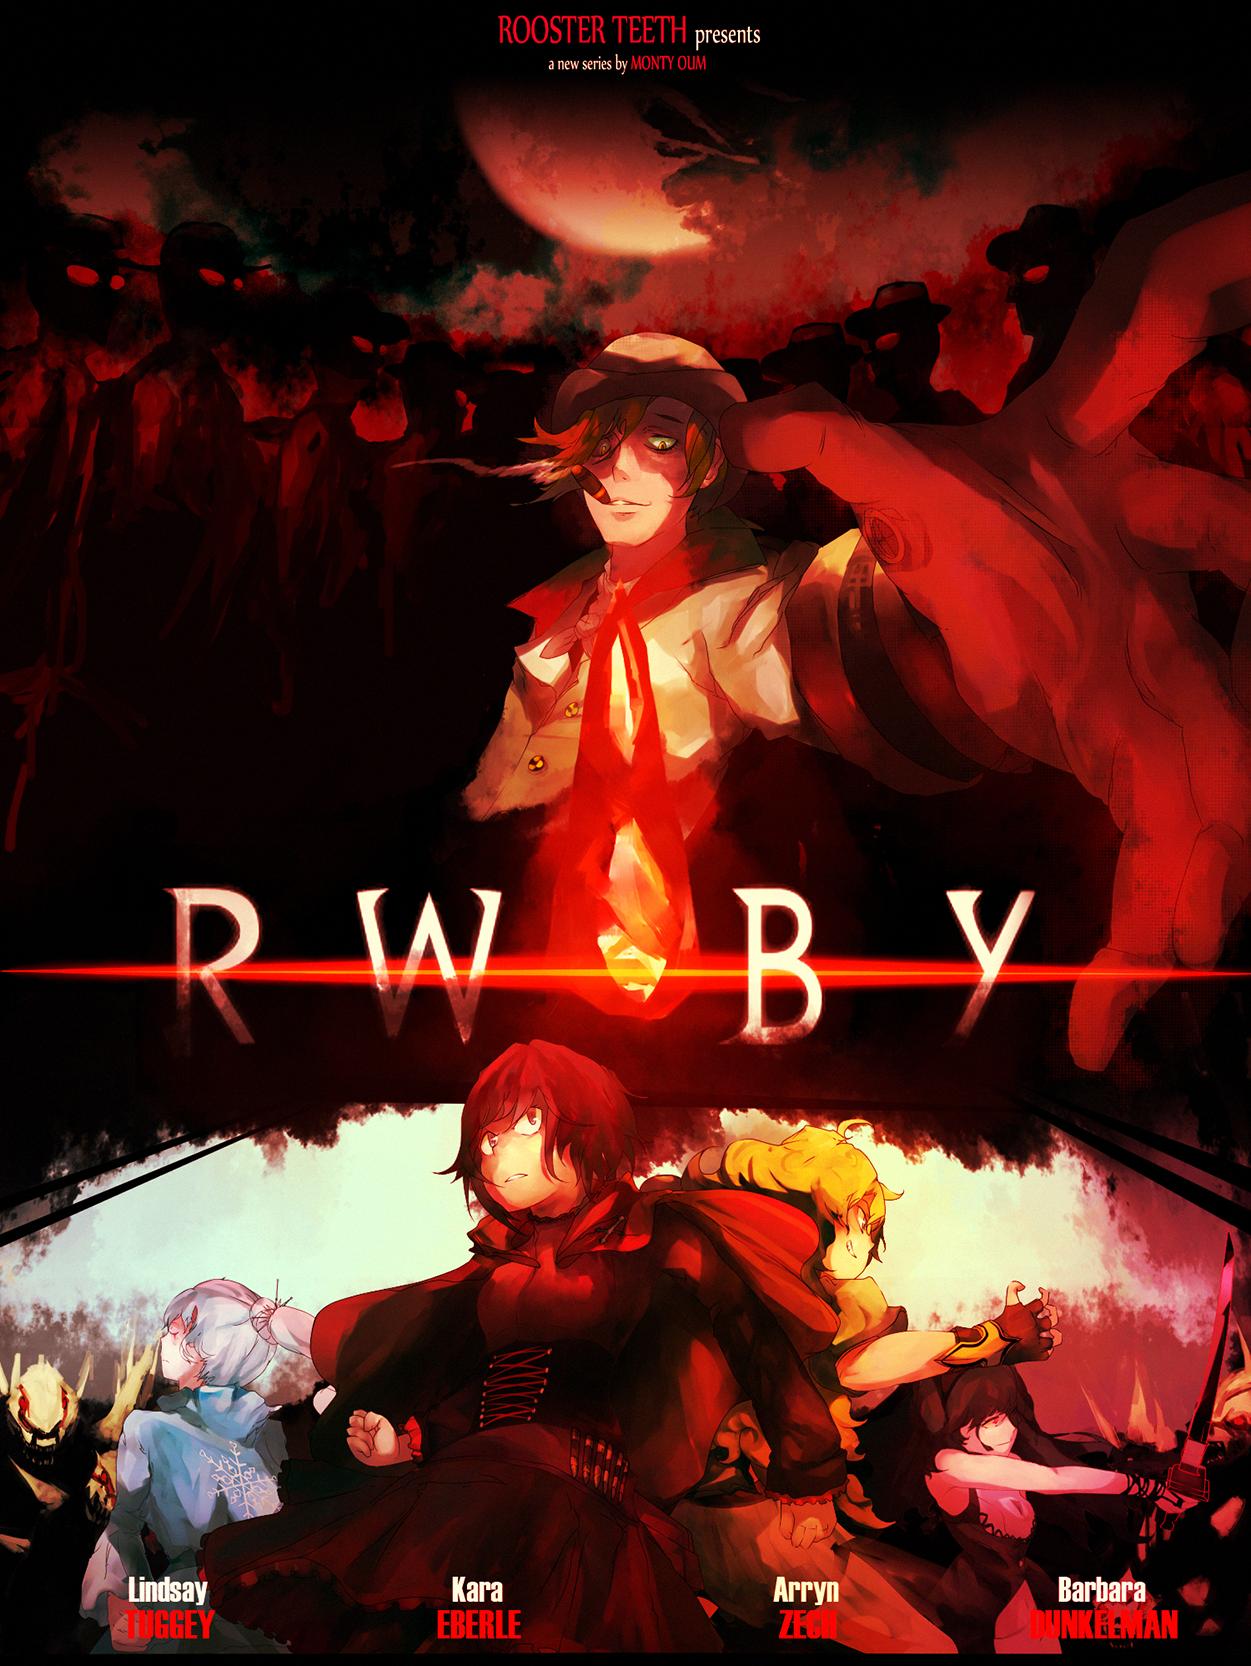 R W B Y by ippotsk